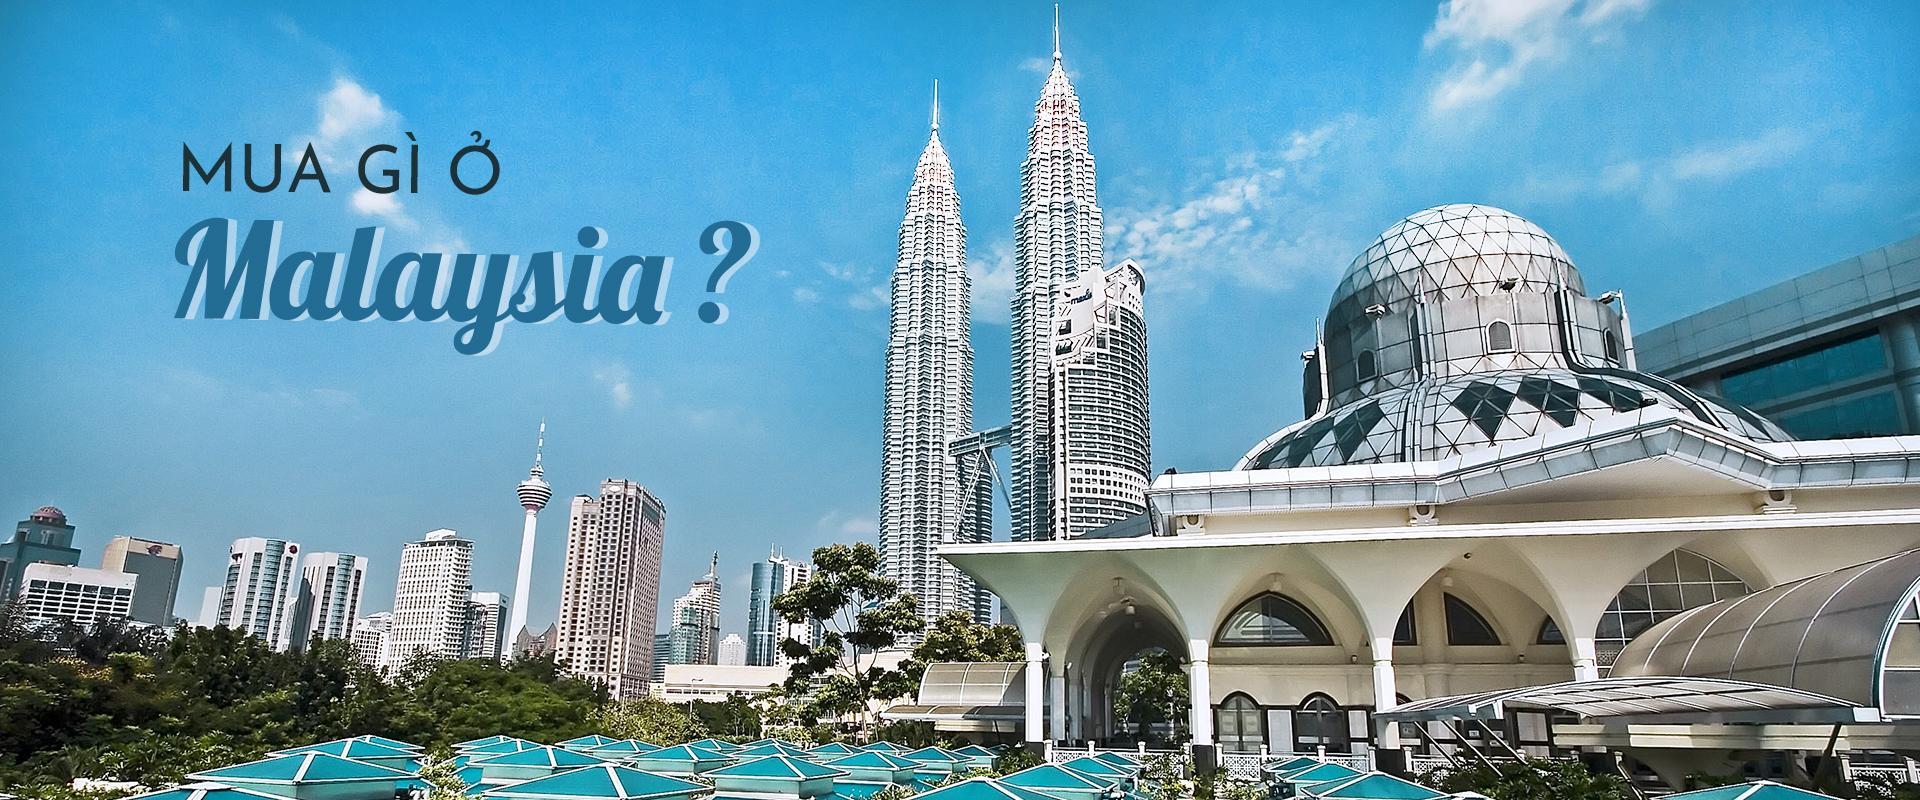 Đi du lịch Malaysia mua gì về làm quà?